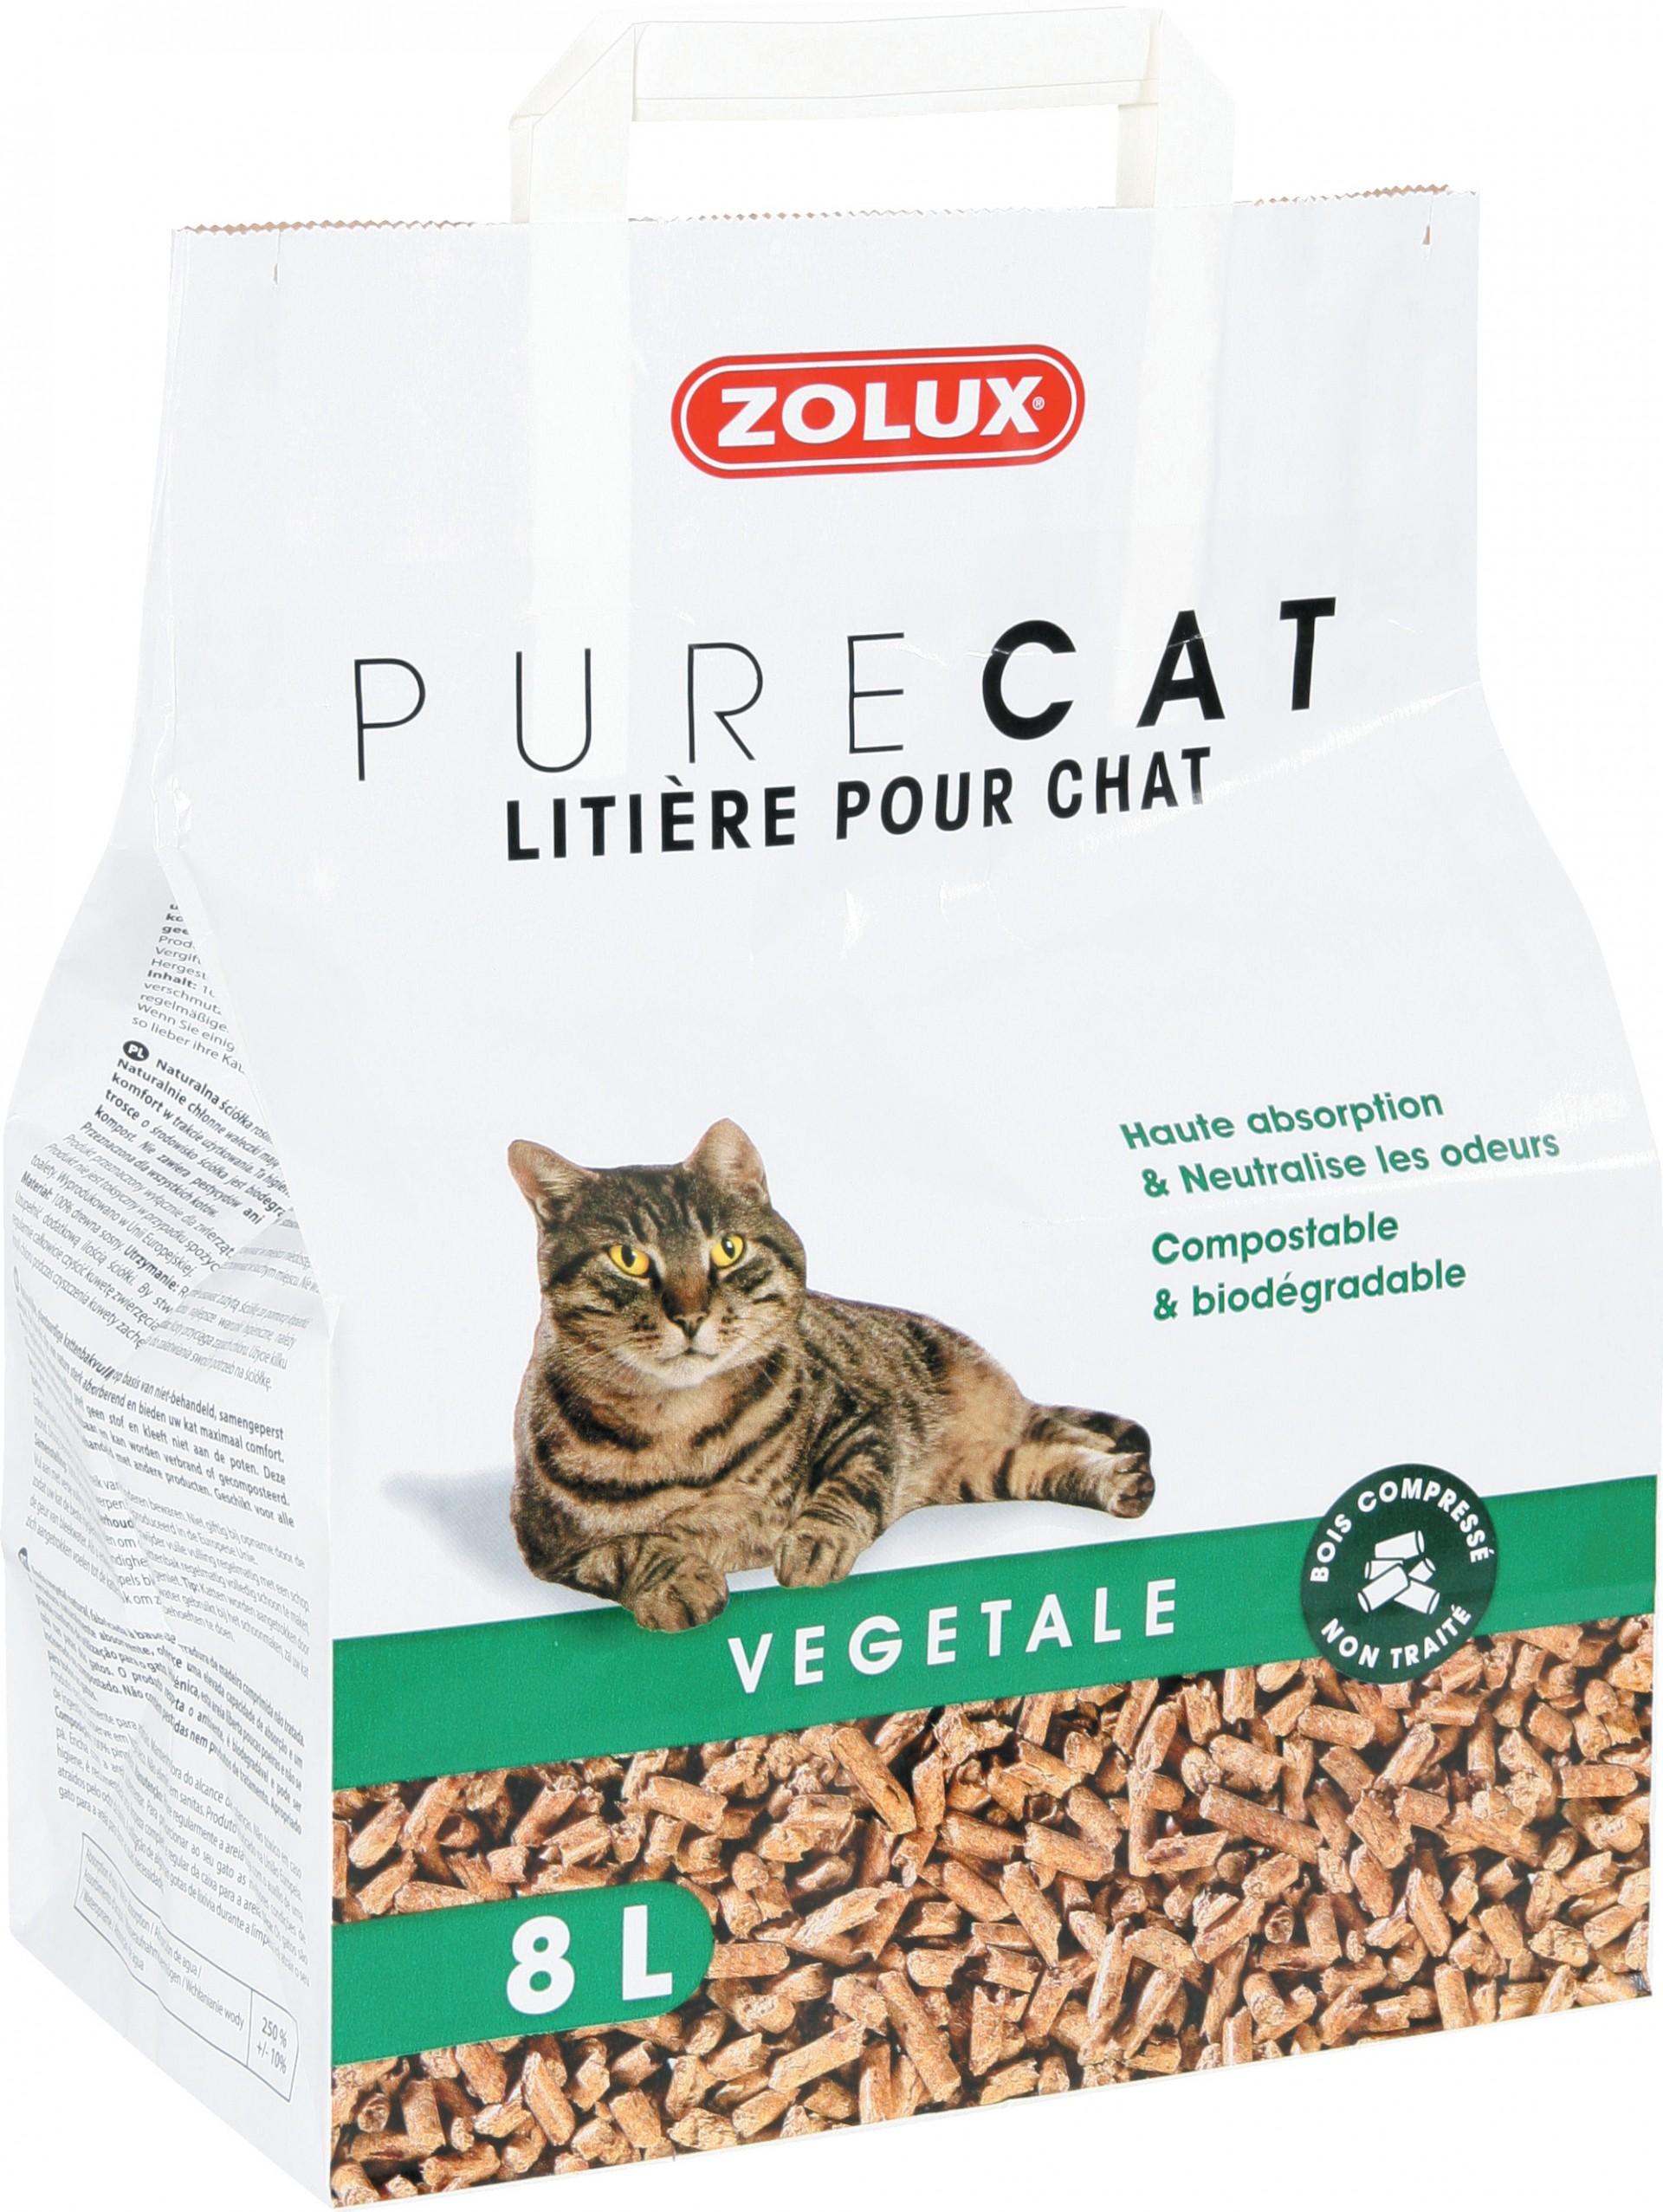 litière végétale chat